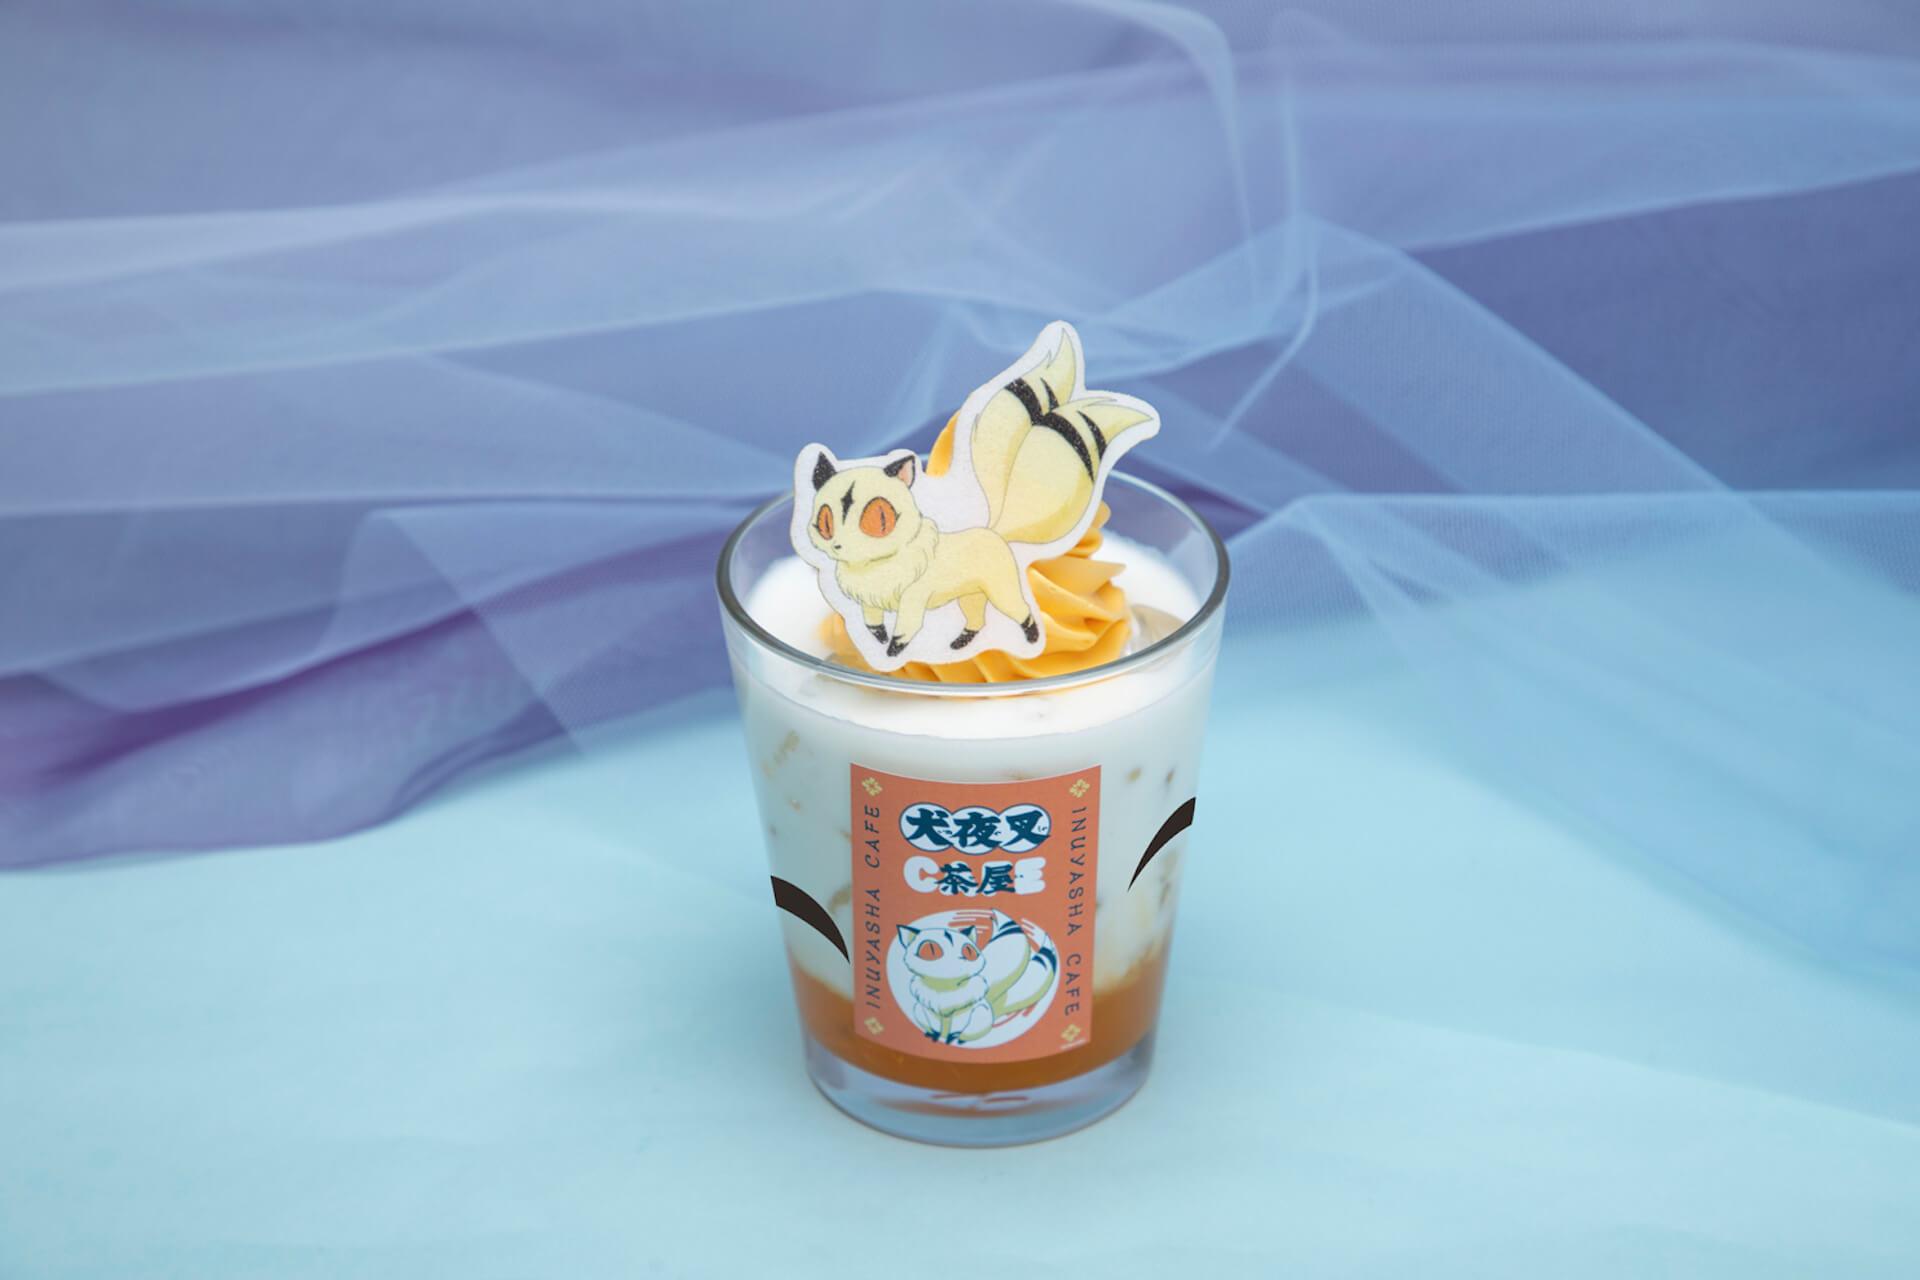 犬夜叉カフェが渋谷PARCOに期間限定オープン決定!名古屋・大阪でも開催&殺生丸・かごめら人気キャラクターの特別グッズも art200717_inuyasha_40